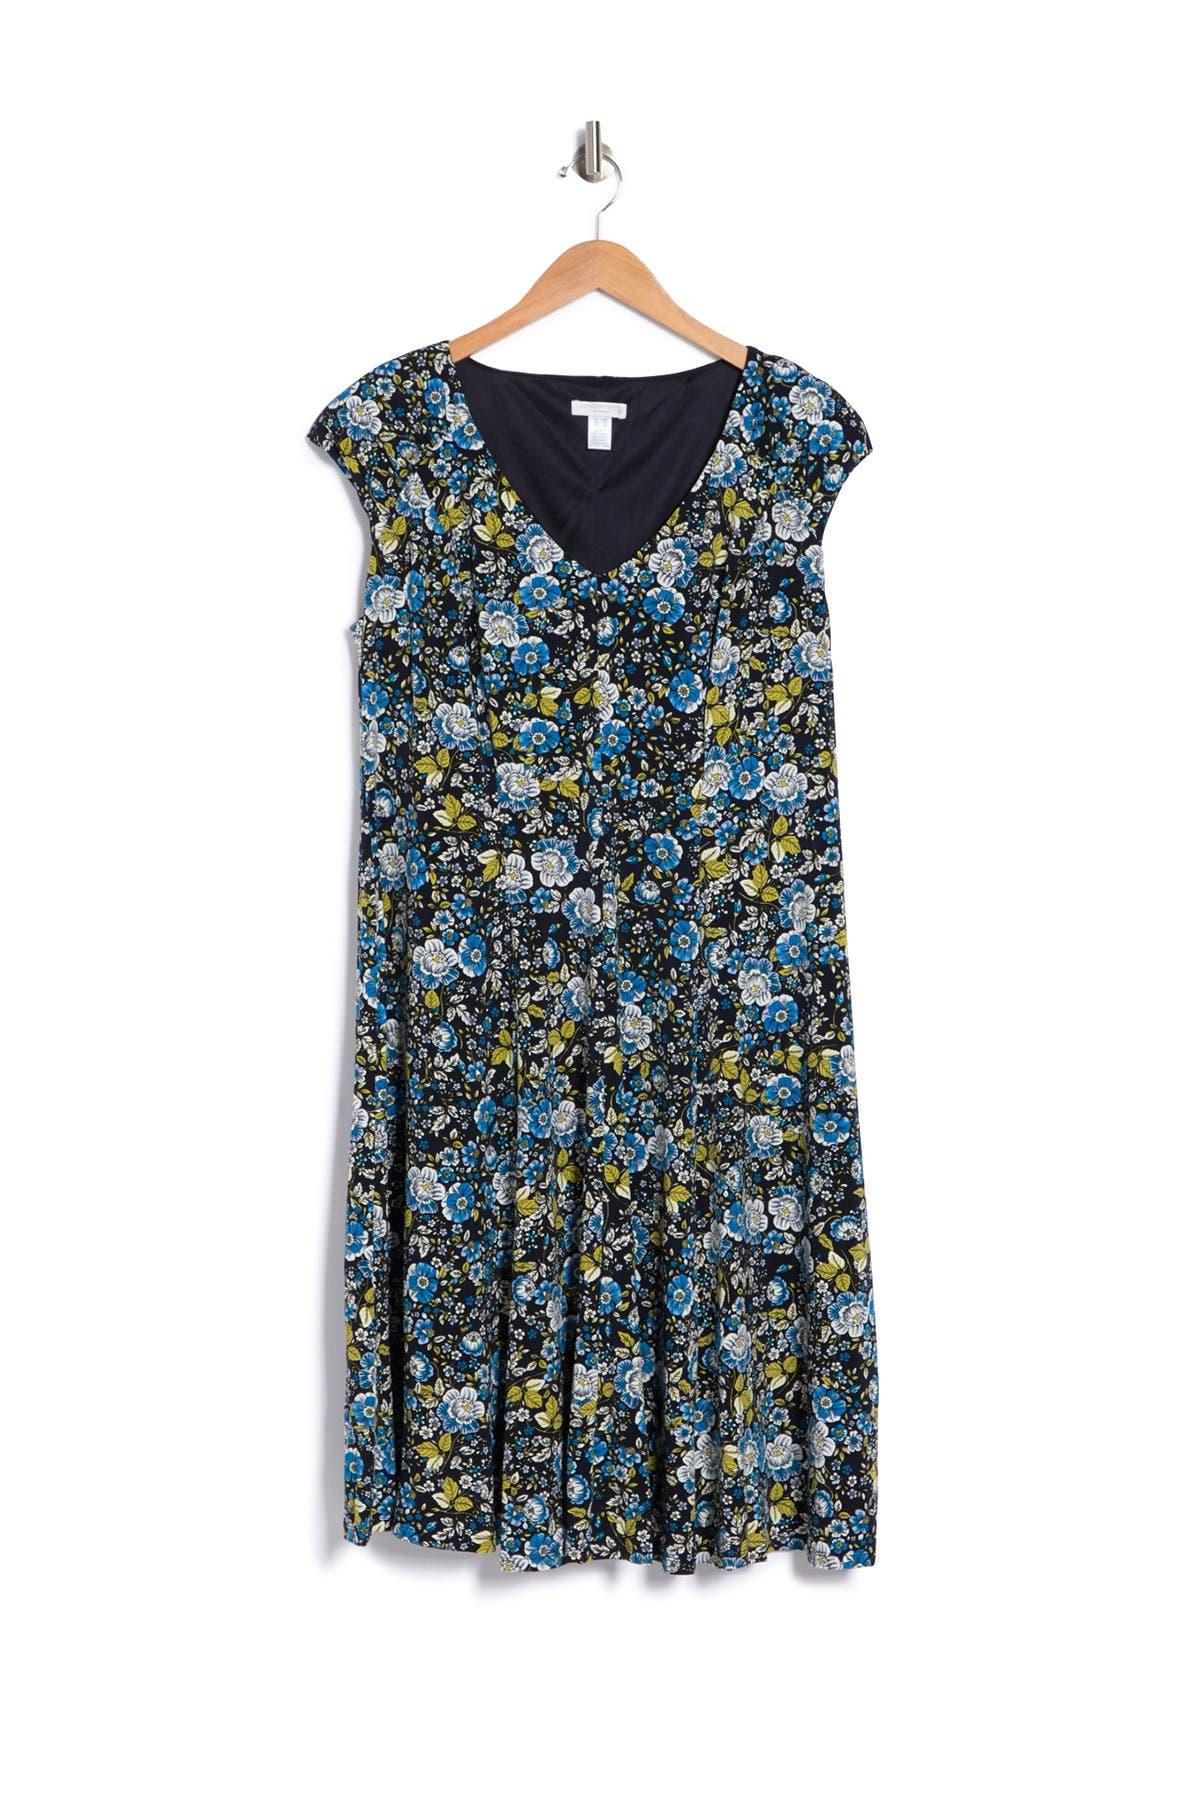 LONDON TIMES FLORAL MIX SCATTER PETAL PRINT V-NECK DRESS